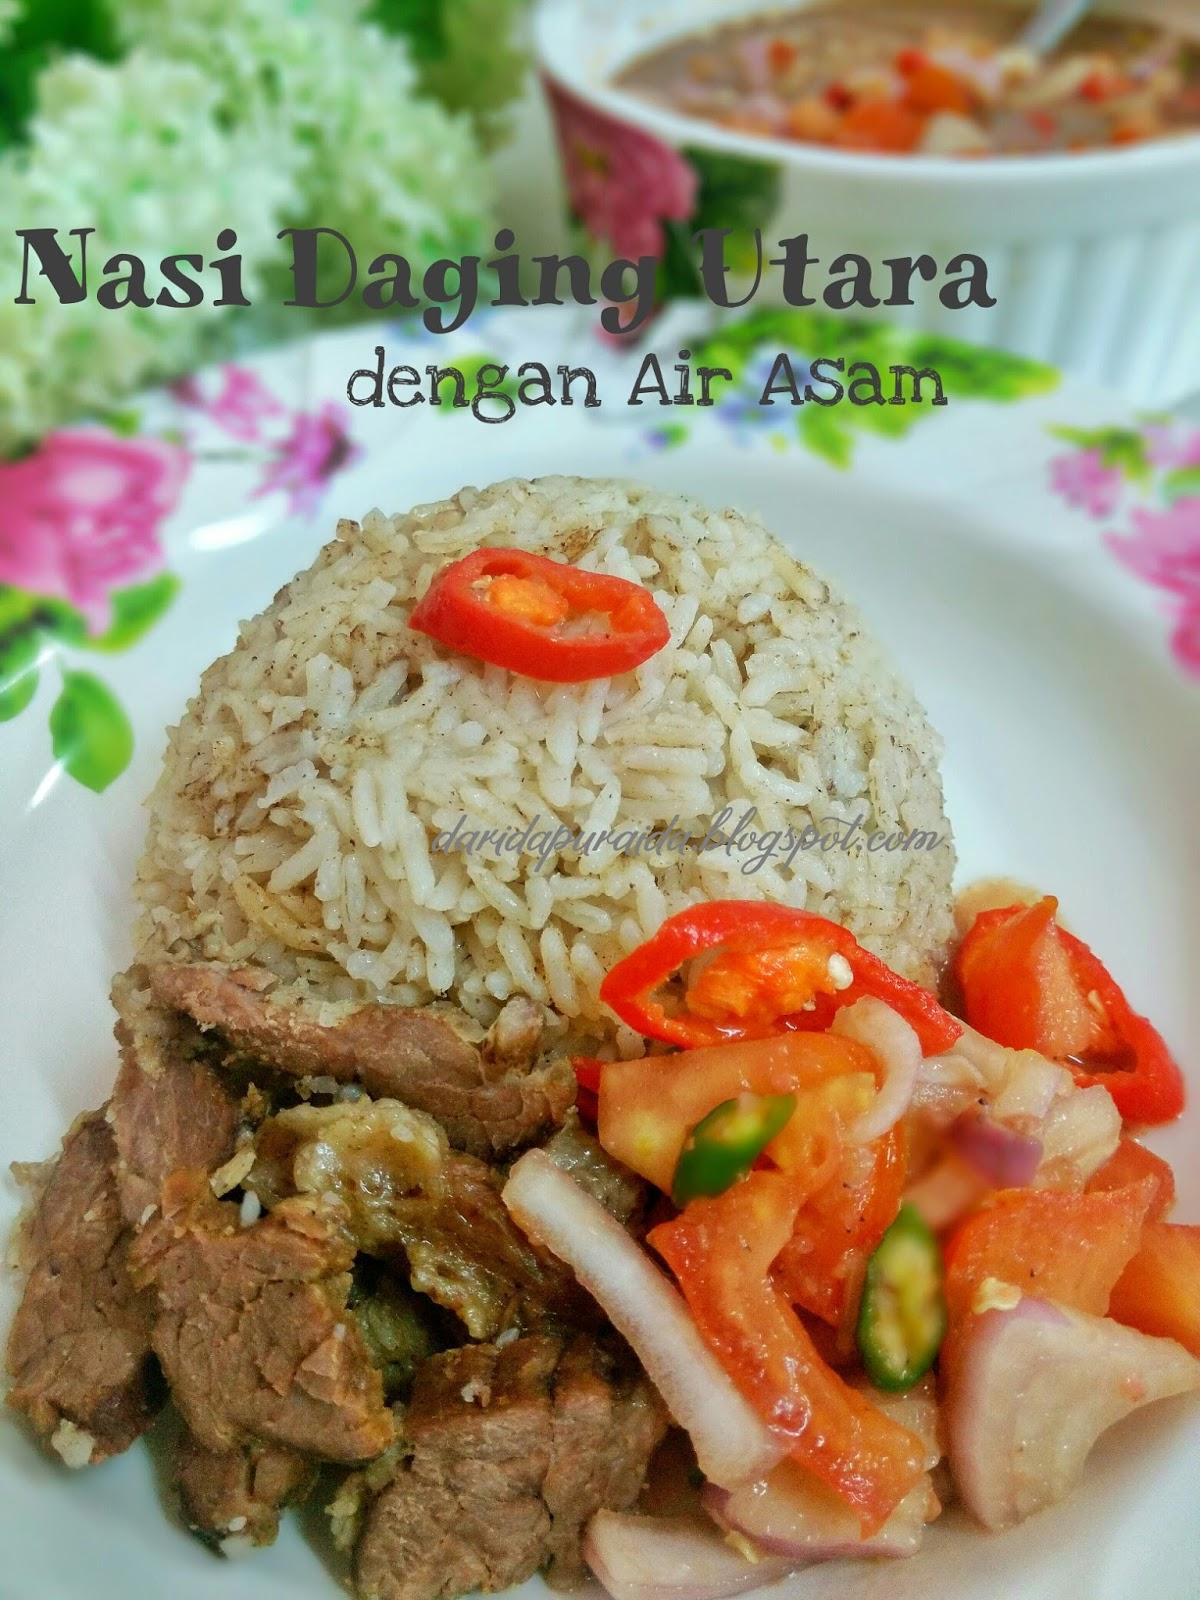 Dari Dapur Aida Nasi Daging Dengan Air Asam Utara Pnya Stail